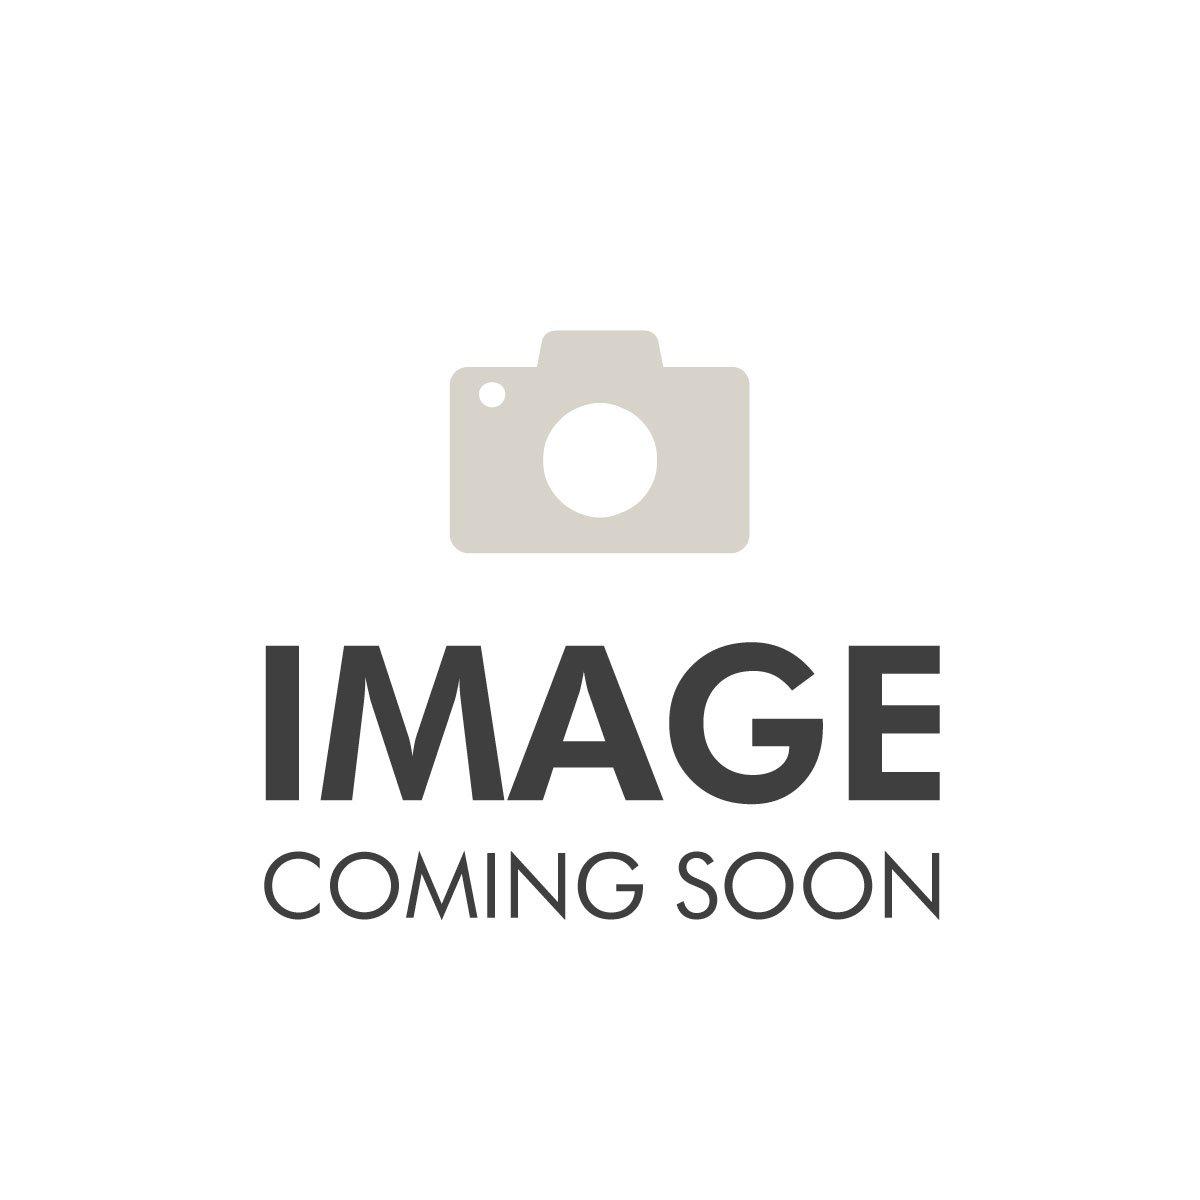 BG - Coussin de fleuret/sabre électrique - Cuir